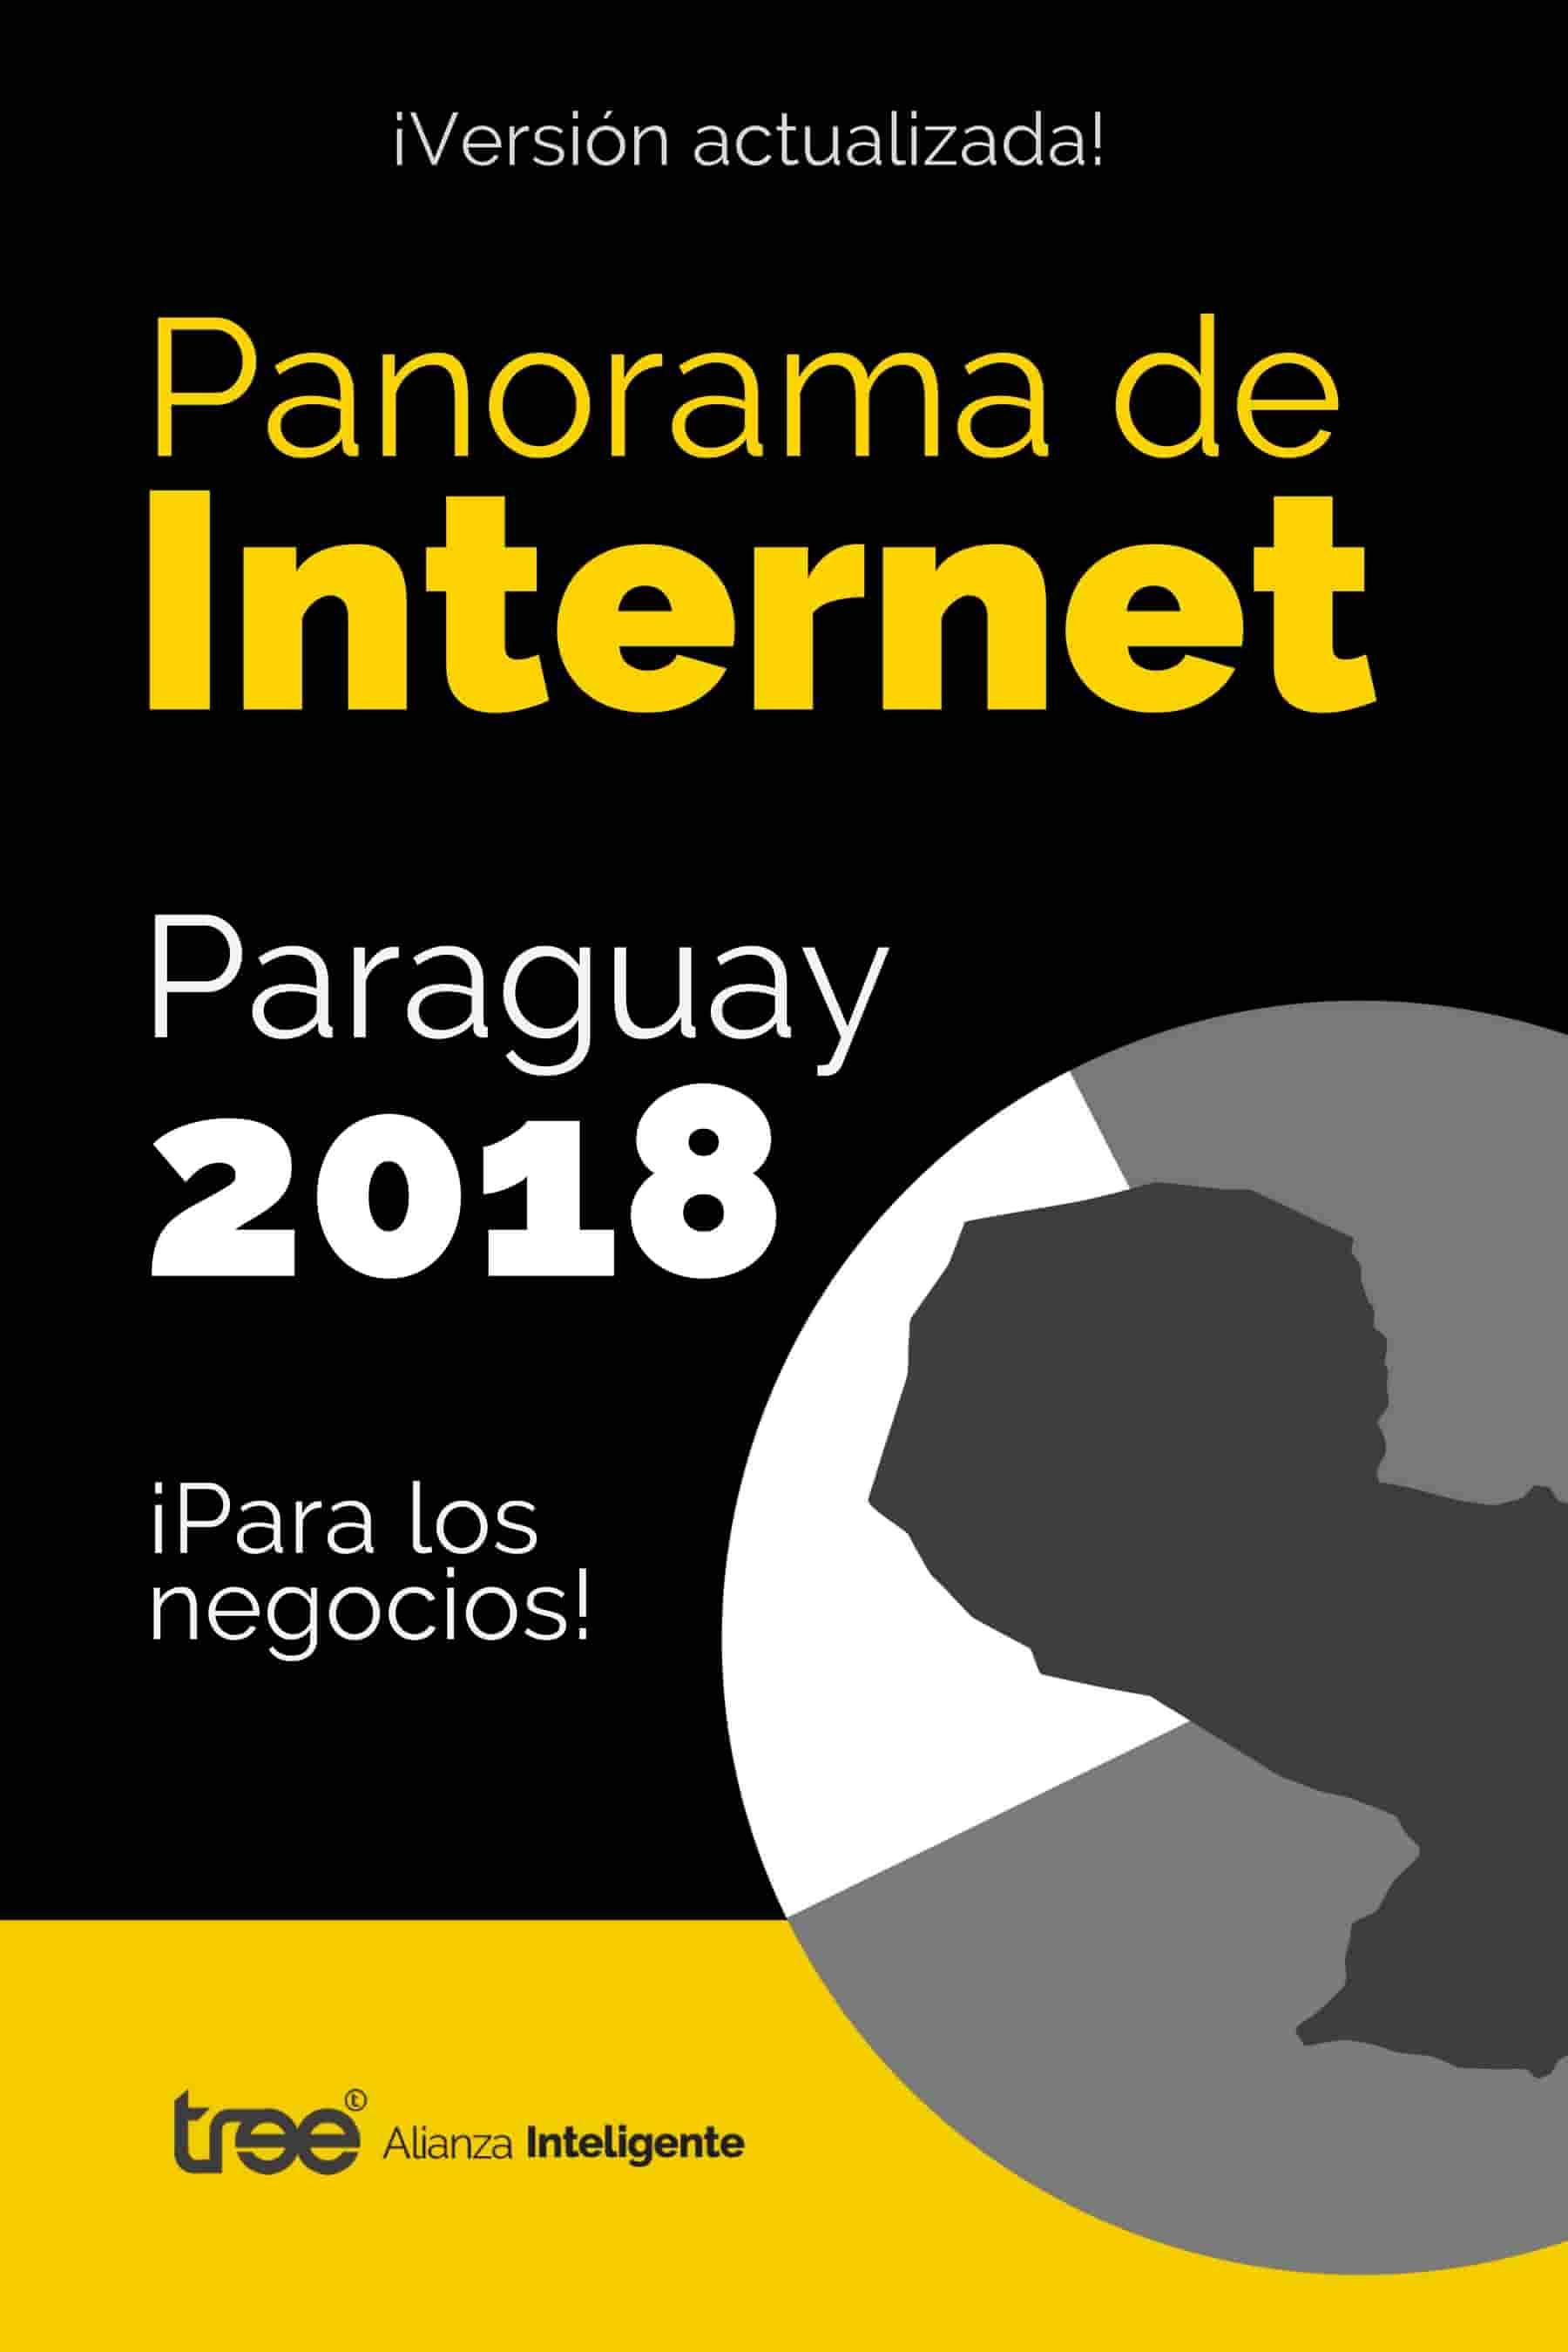 Panorama de Internet Paraguay 2018